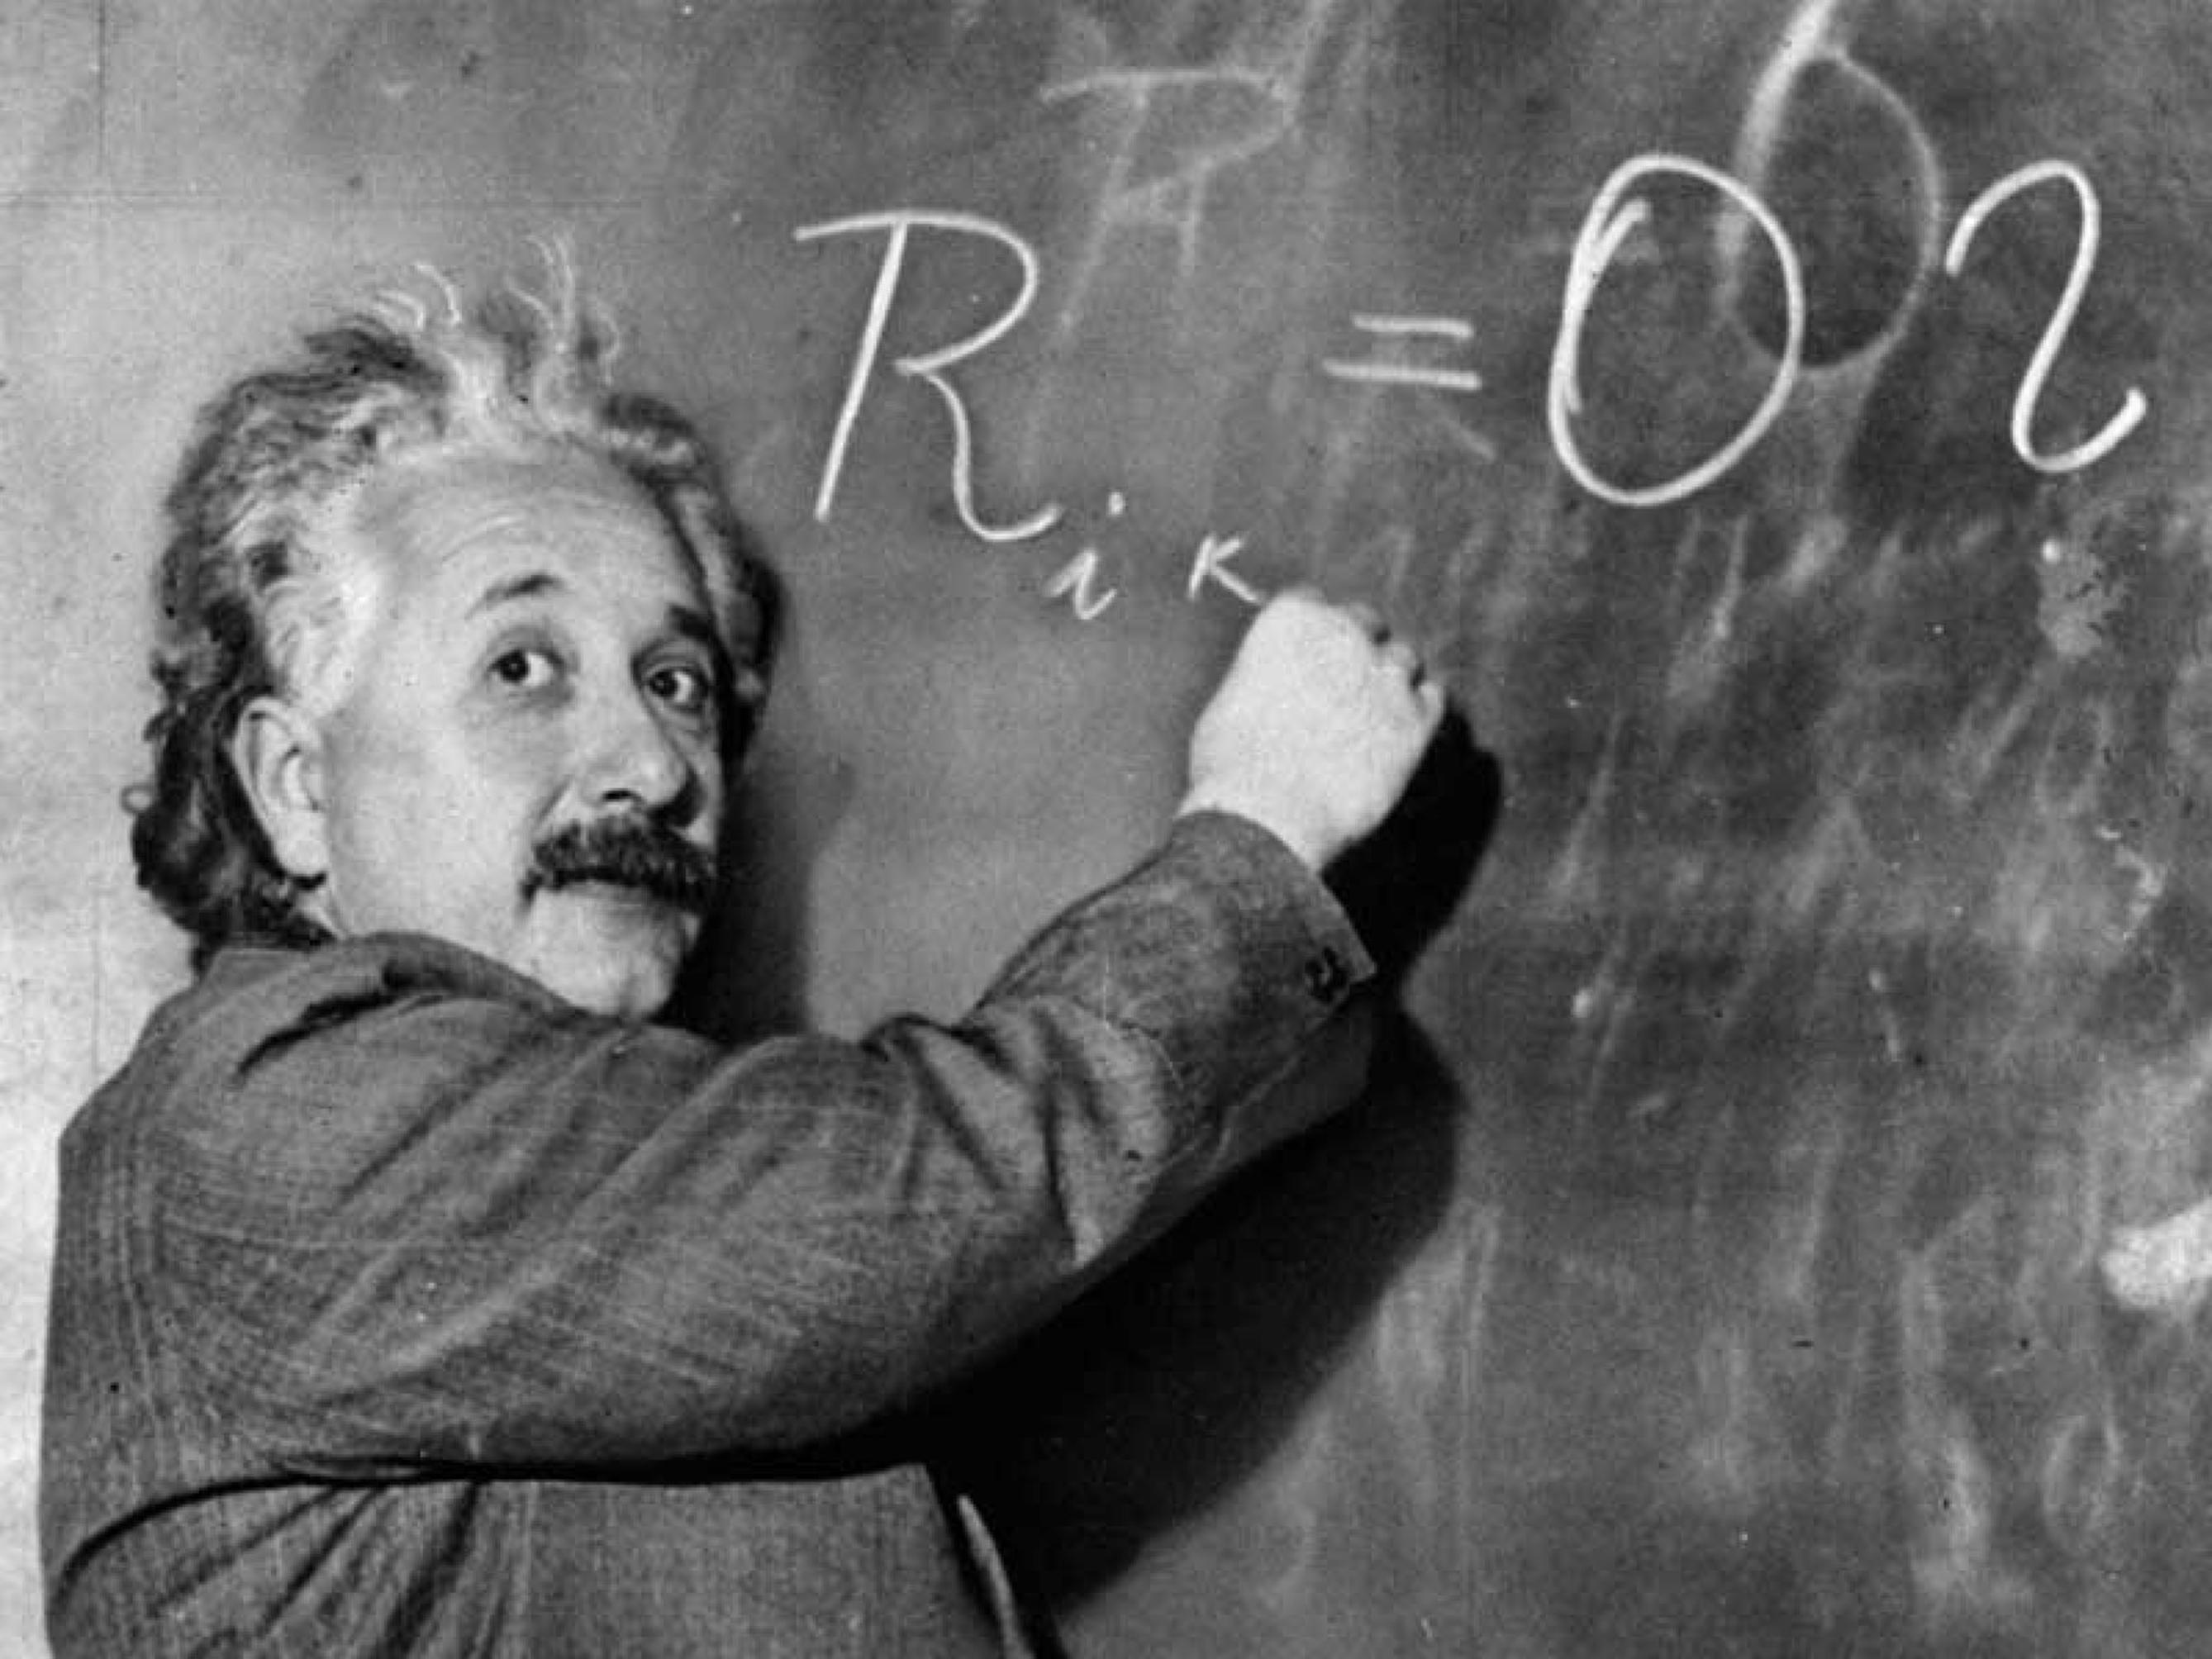 Αϊνστάιν: Οι παράξενες συνήθειες μιας ιδιοφυΐας | Η ΚΑΘΗΜΕΡΙΝΗ